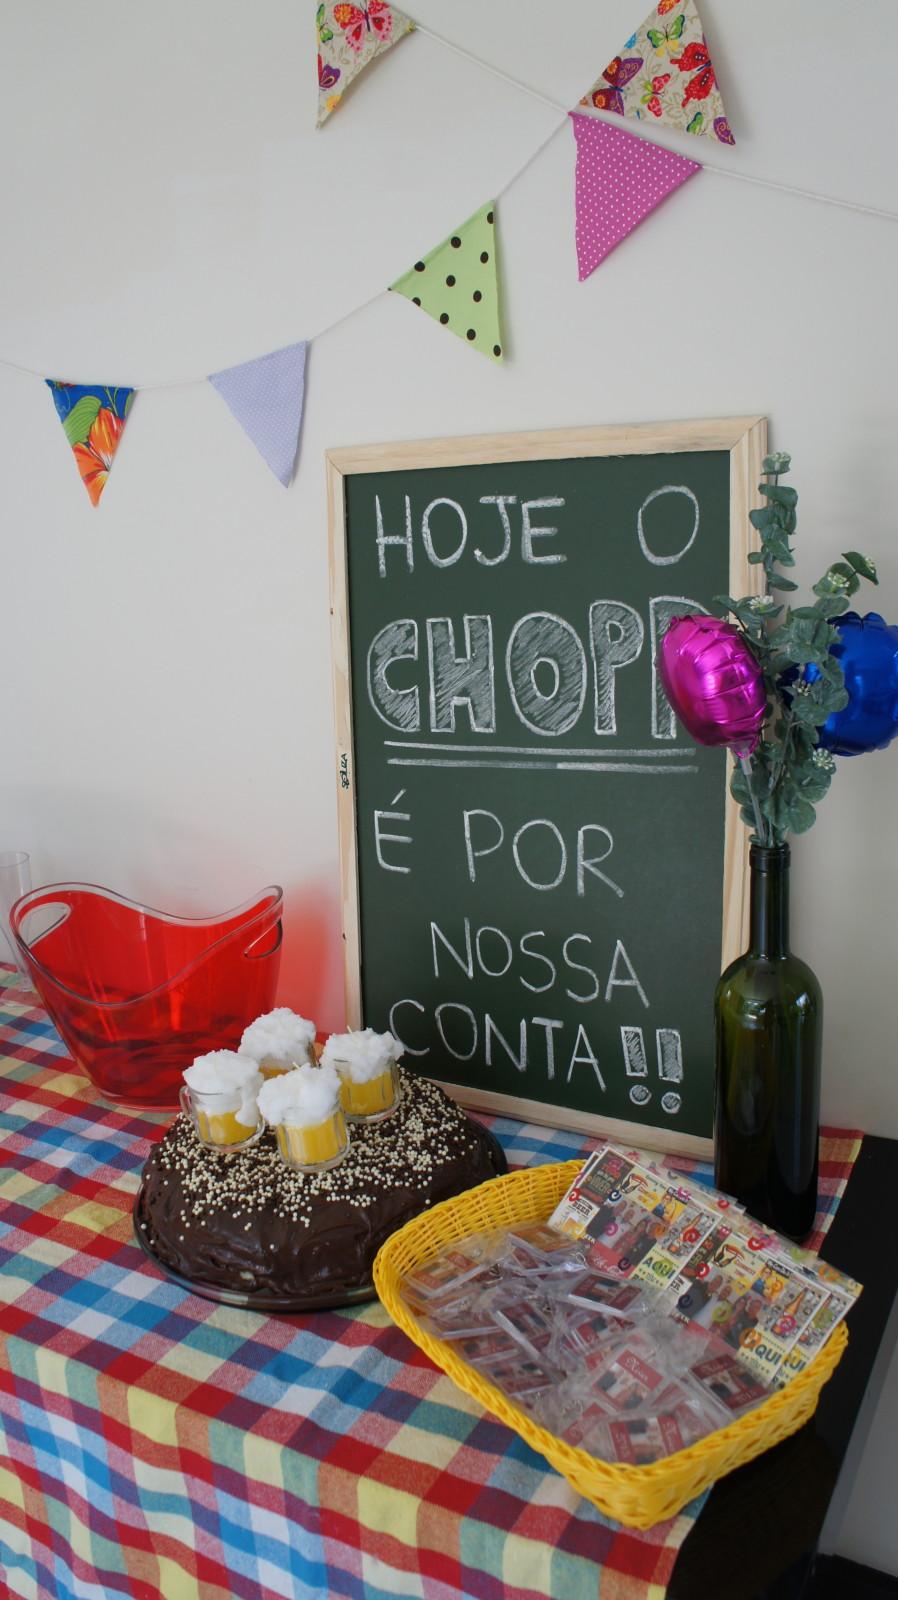 decoracao niver boteco:Meu aniversário, boteco em casa!